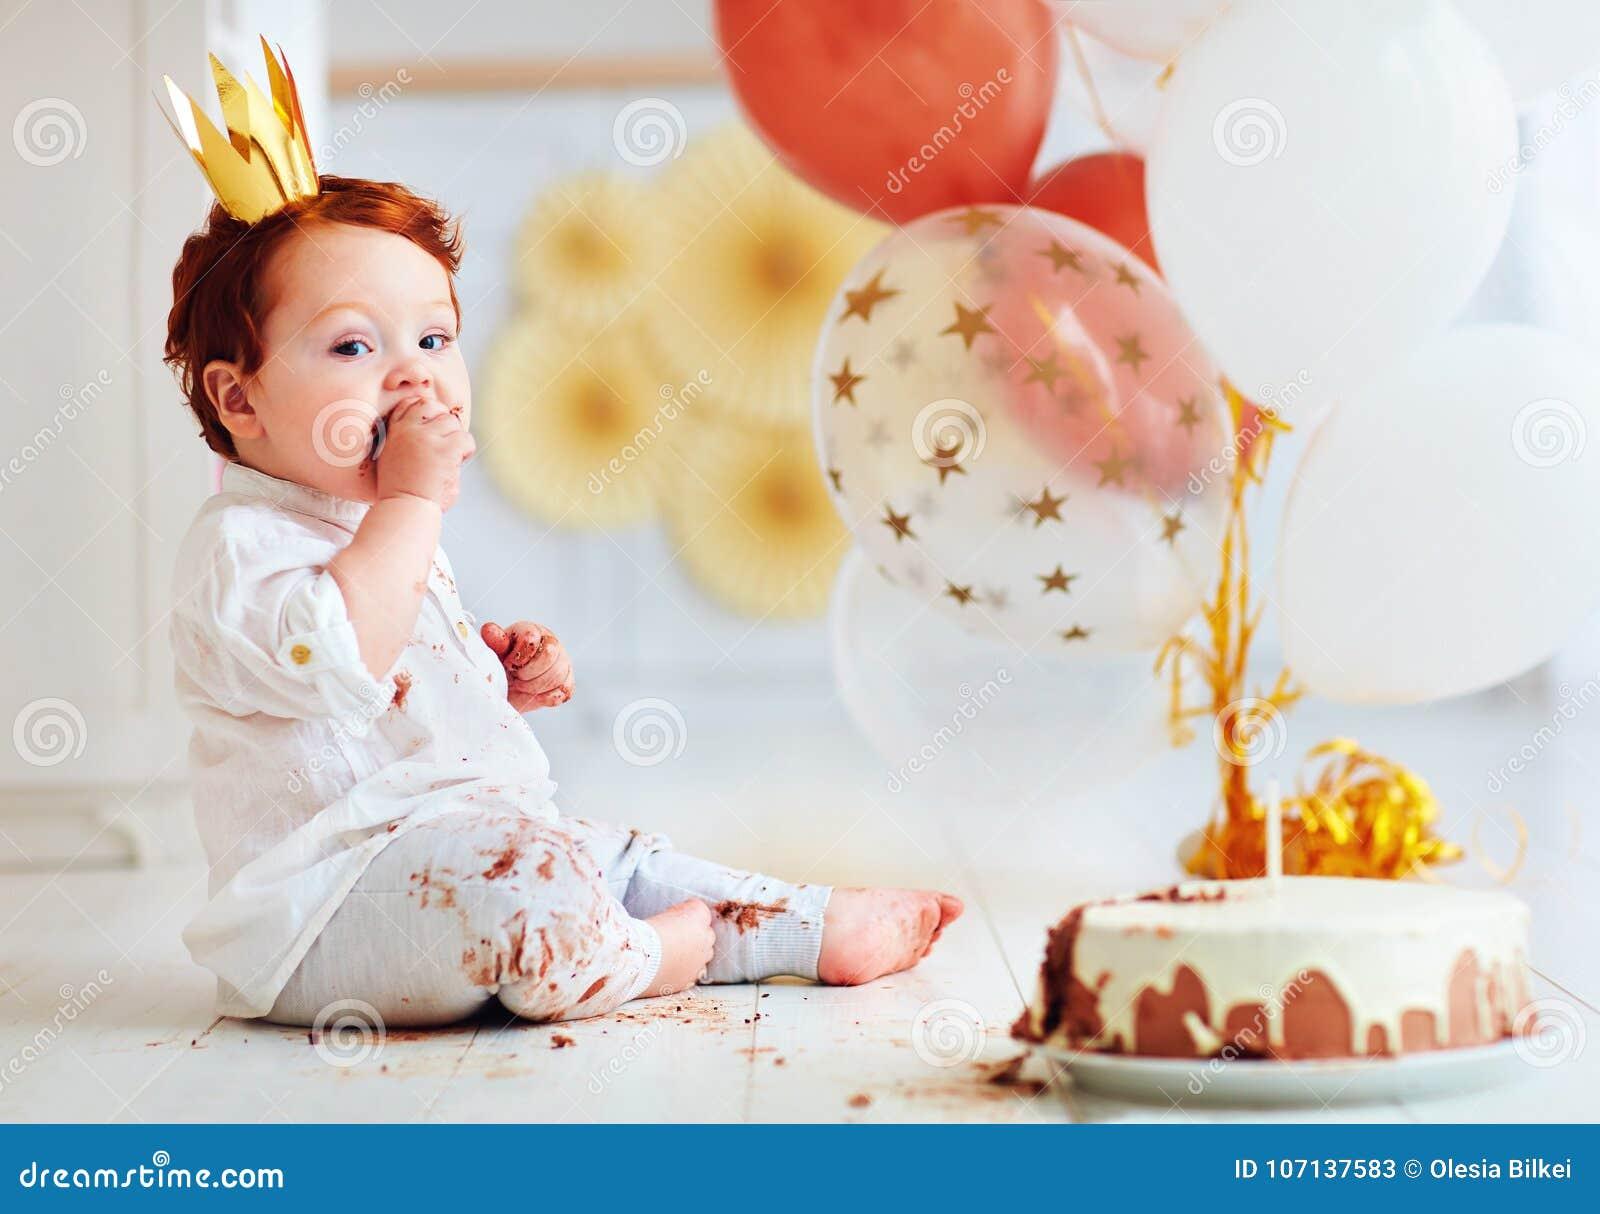 Neonato infantile divertente che assaggia la sua prima torta di compleanno